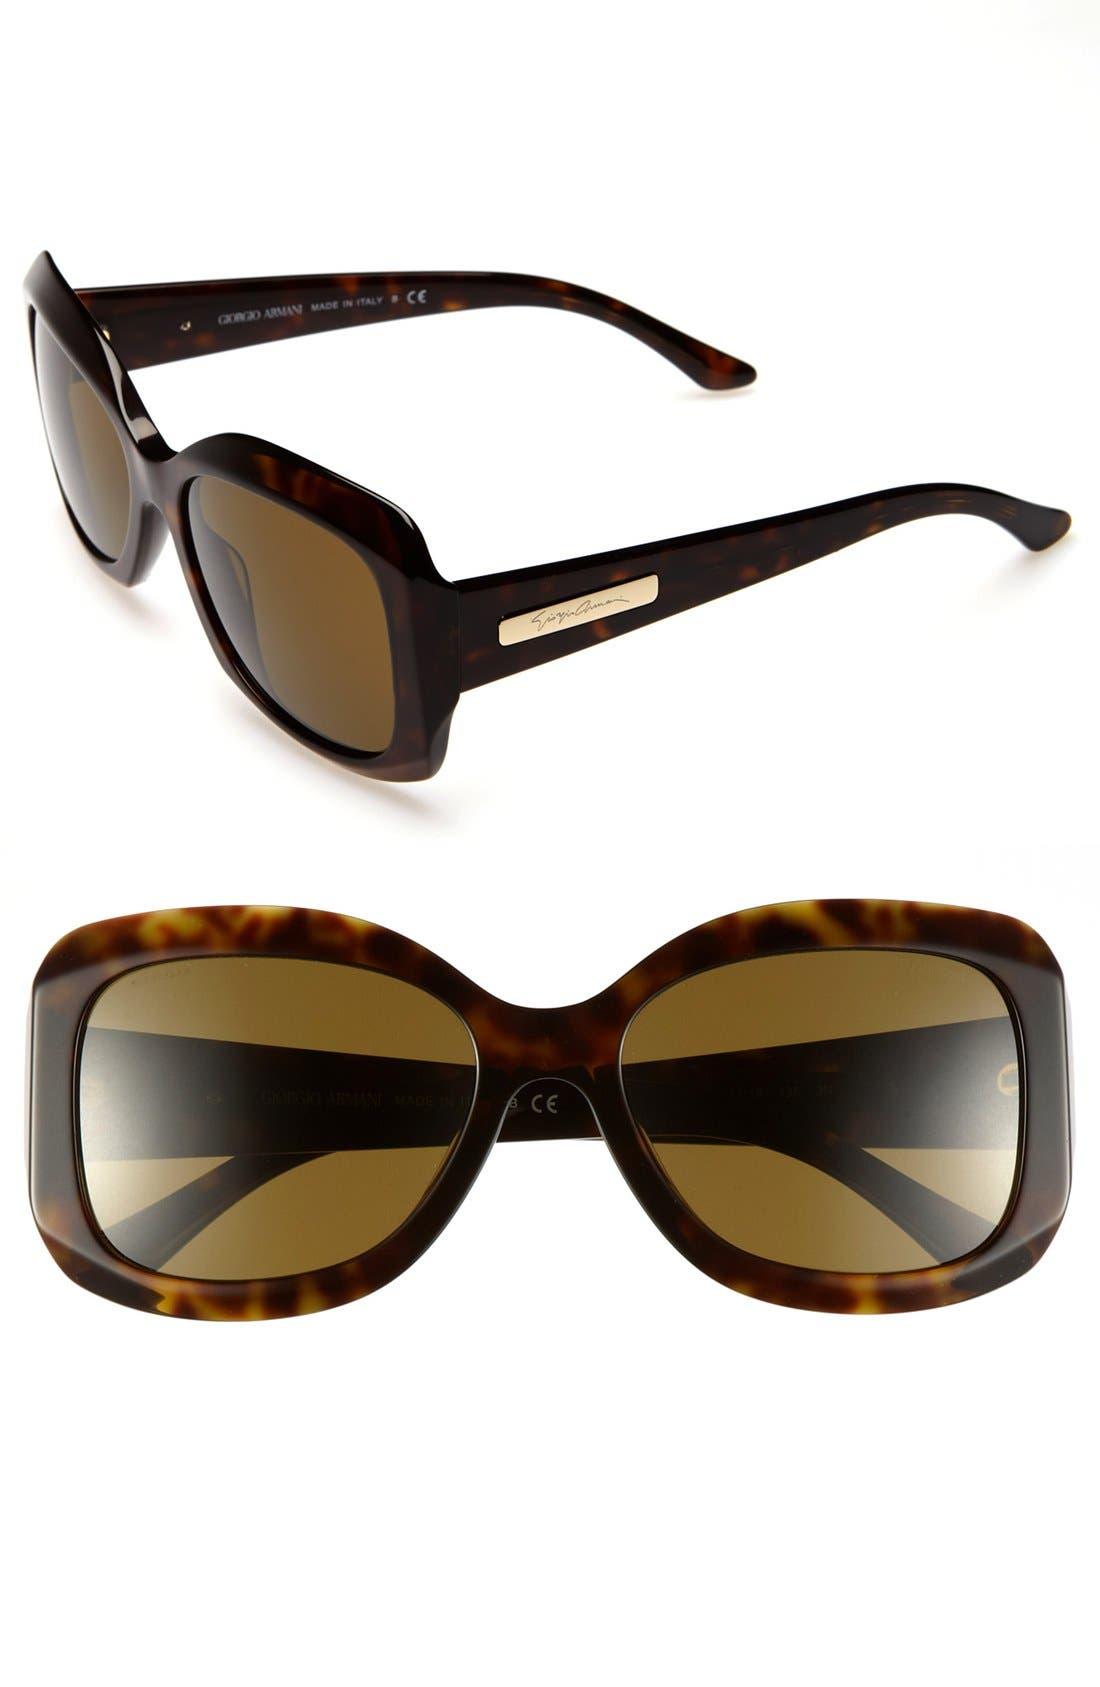 Main Image - Giorgio Armani 55mm Sunglasses